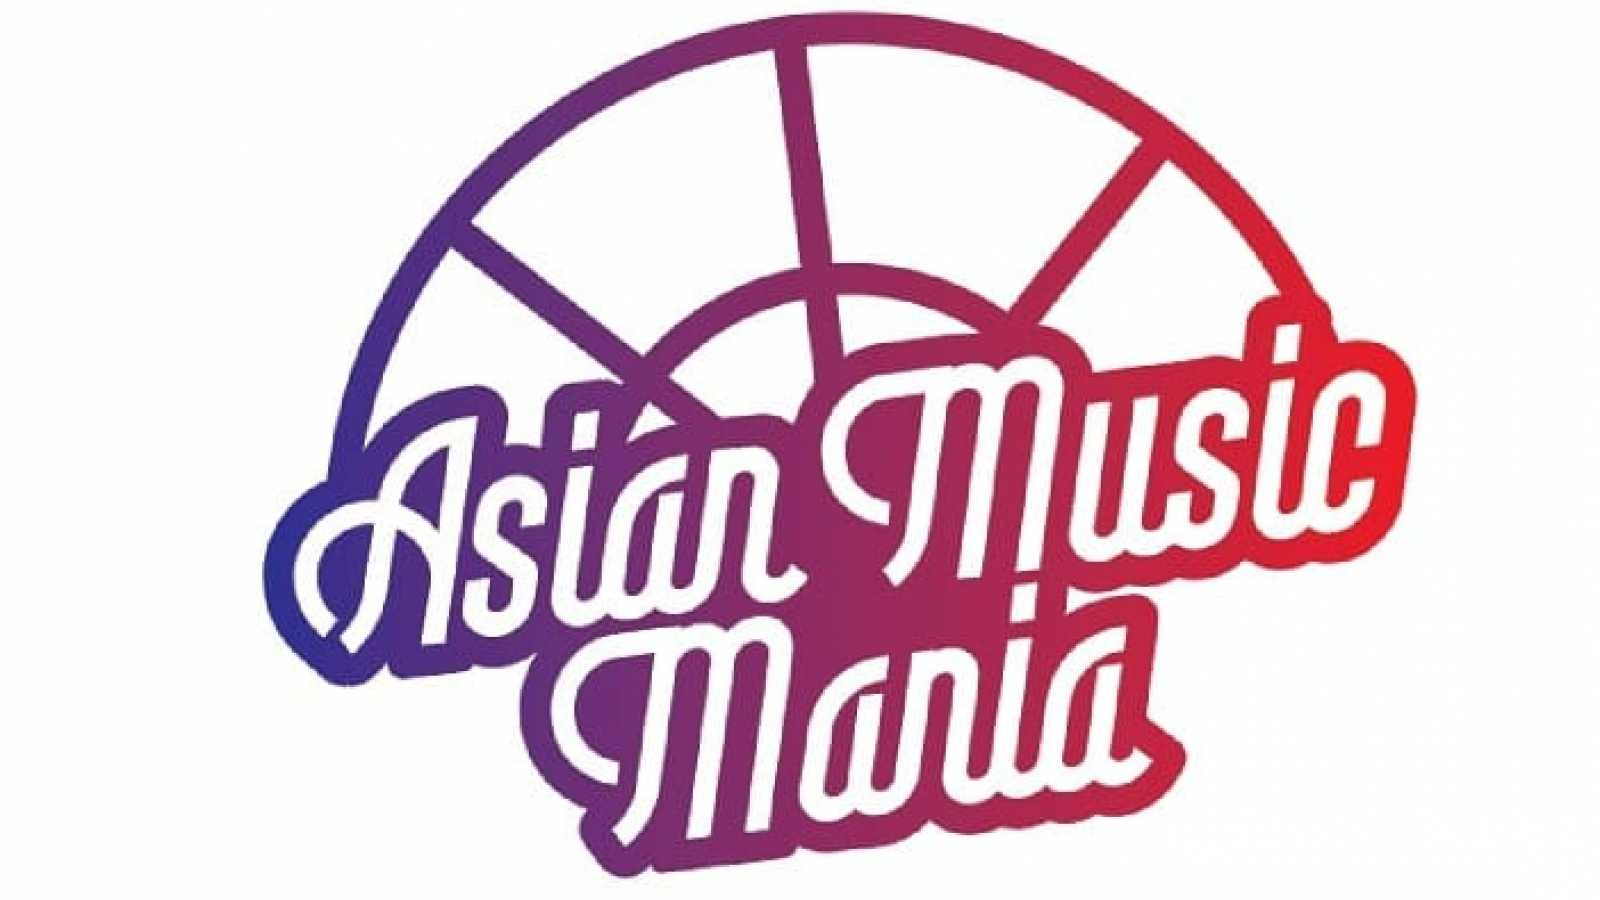 Gagnez des places pour le Asian Music Mania et le concert de Teen Top